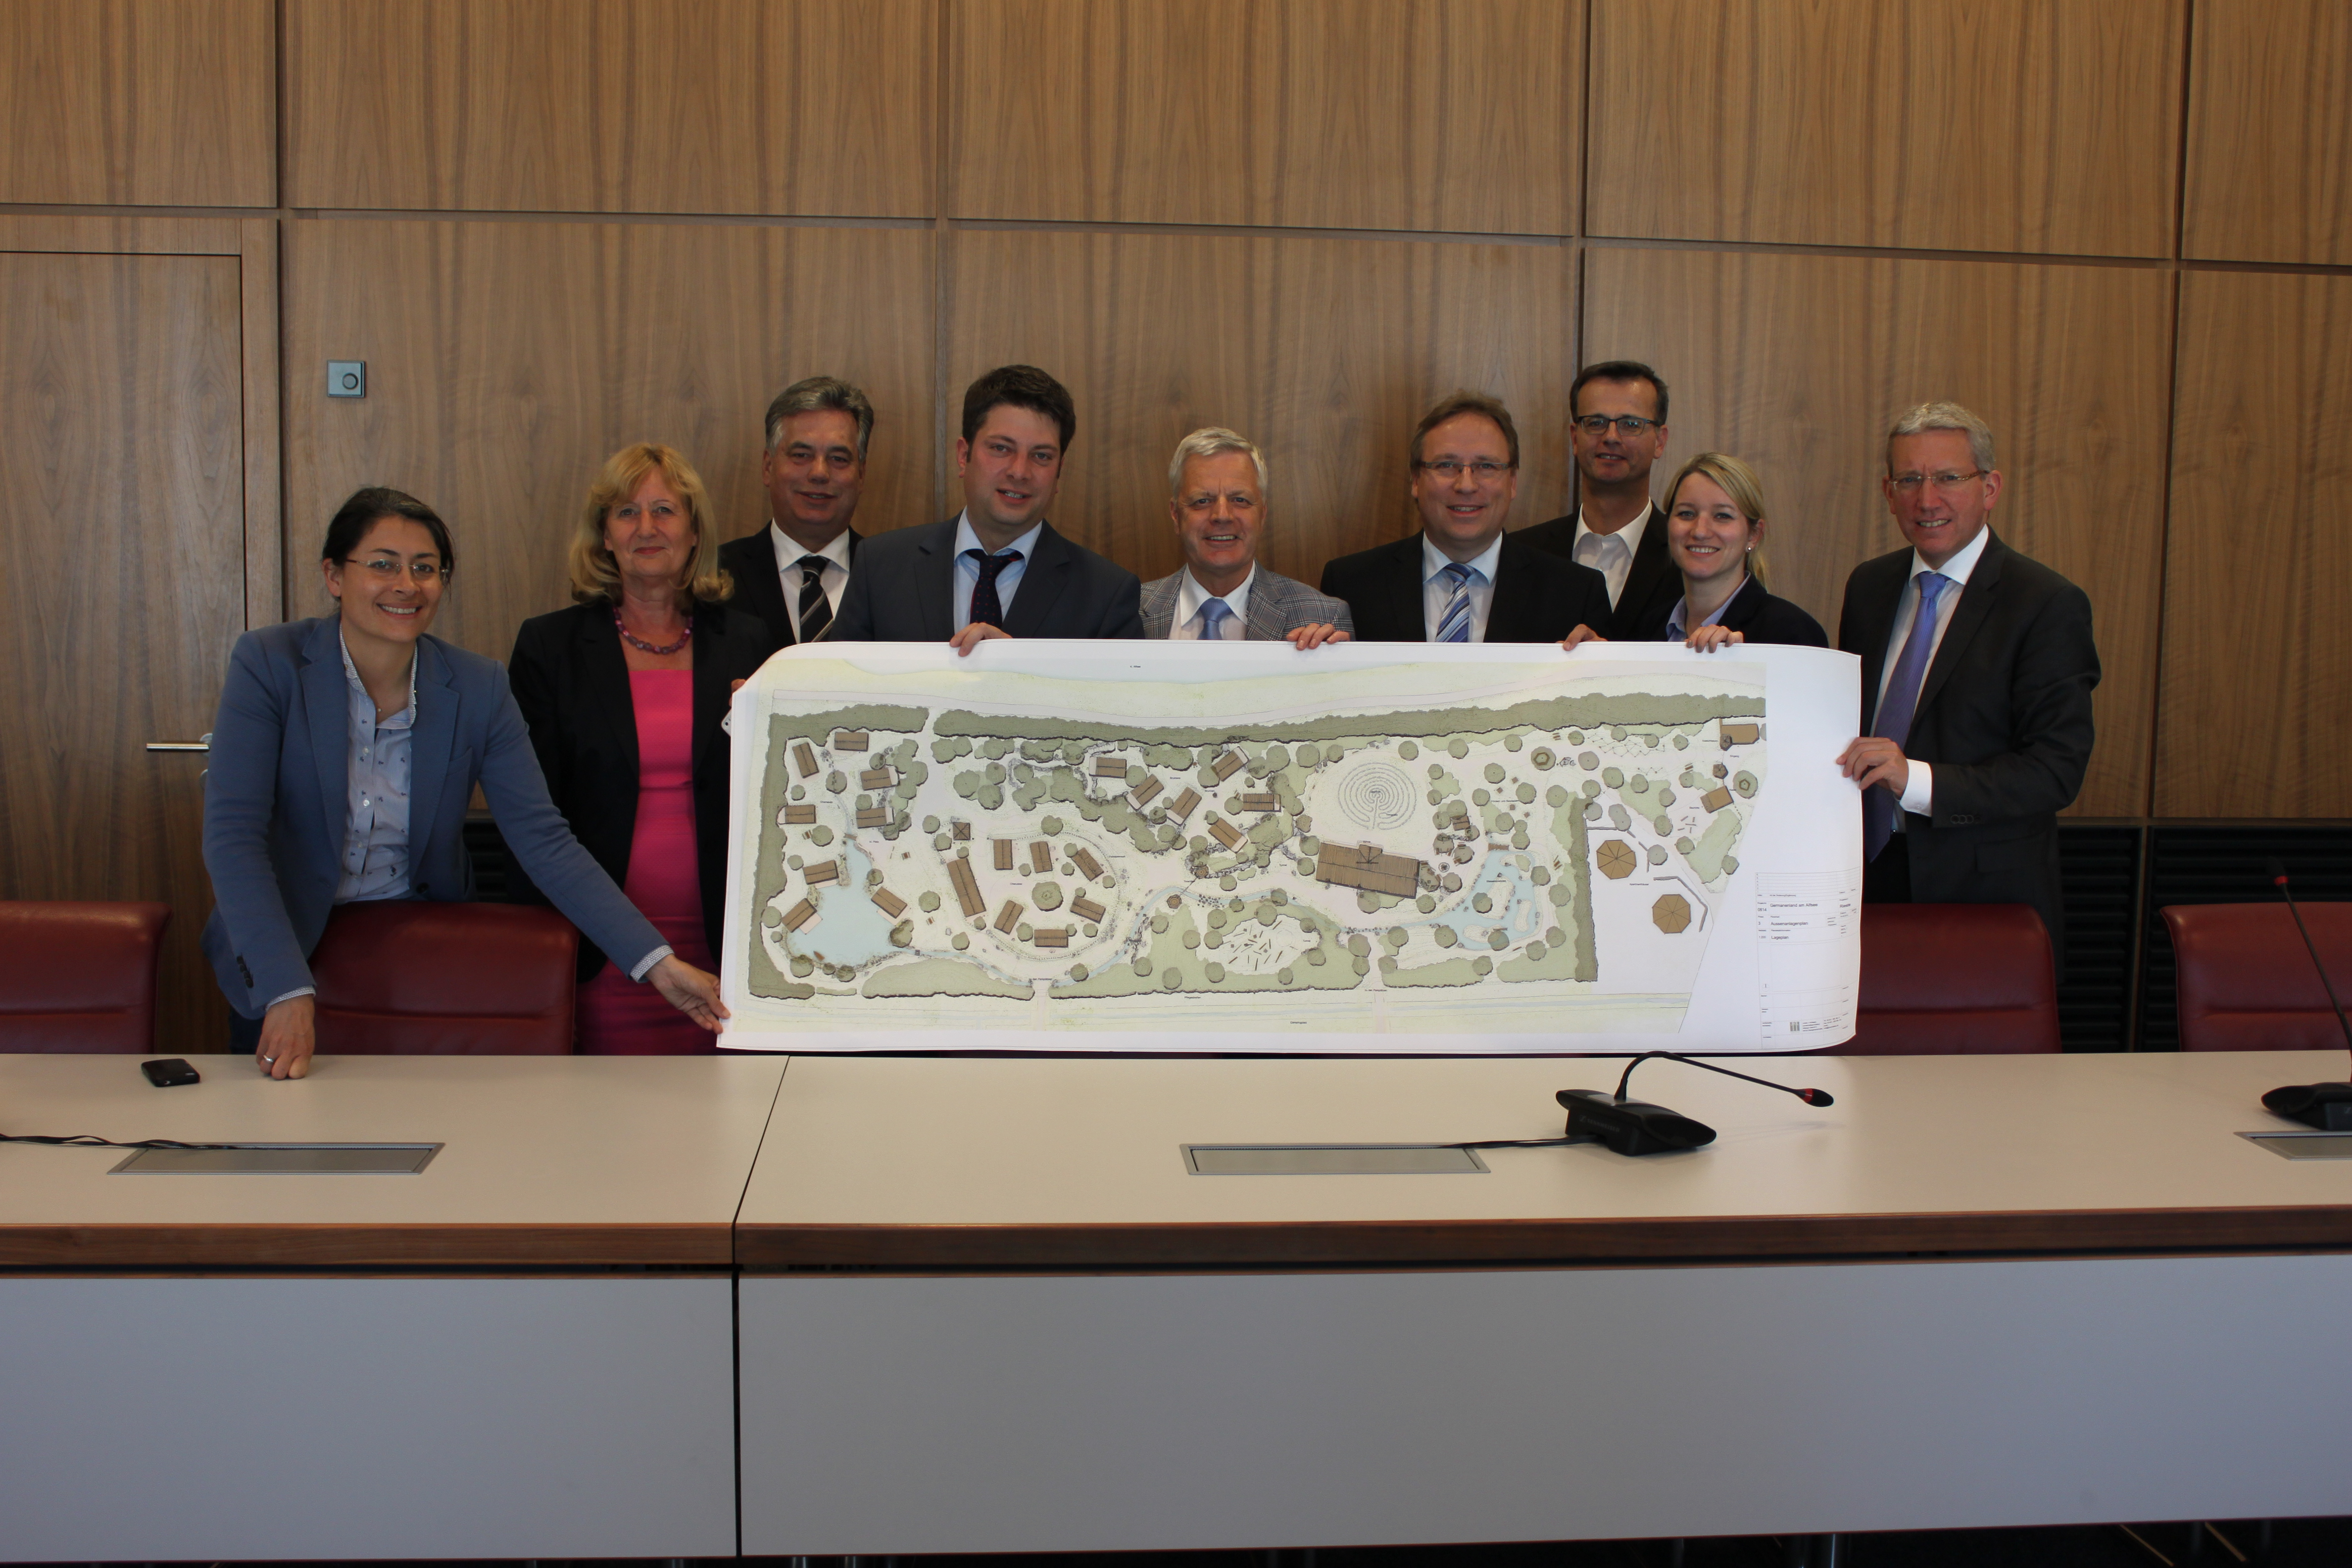 Information der regionalen MdL zur Neuausrichtung der Aufsehe GmbH durch die beiden Geschäftsführer Toni Harms und Dr. Horst Baier.